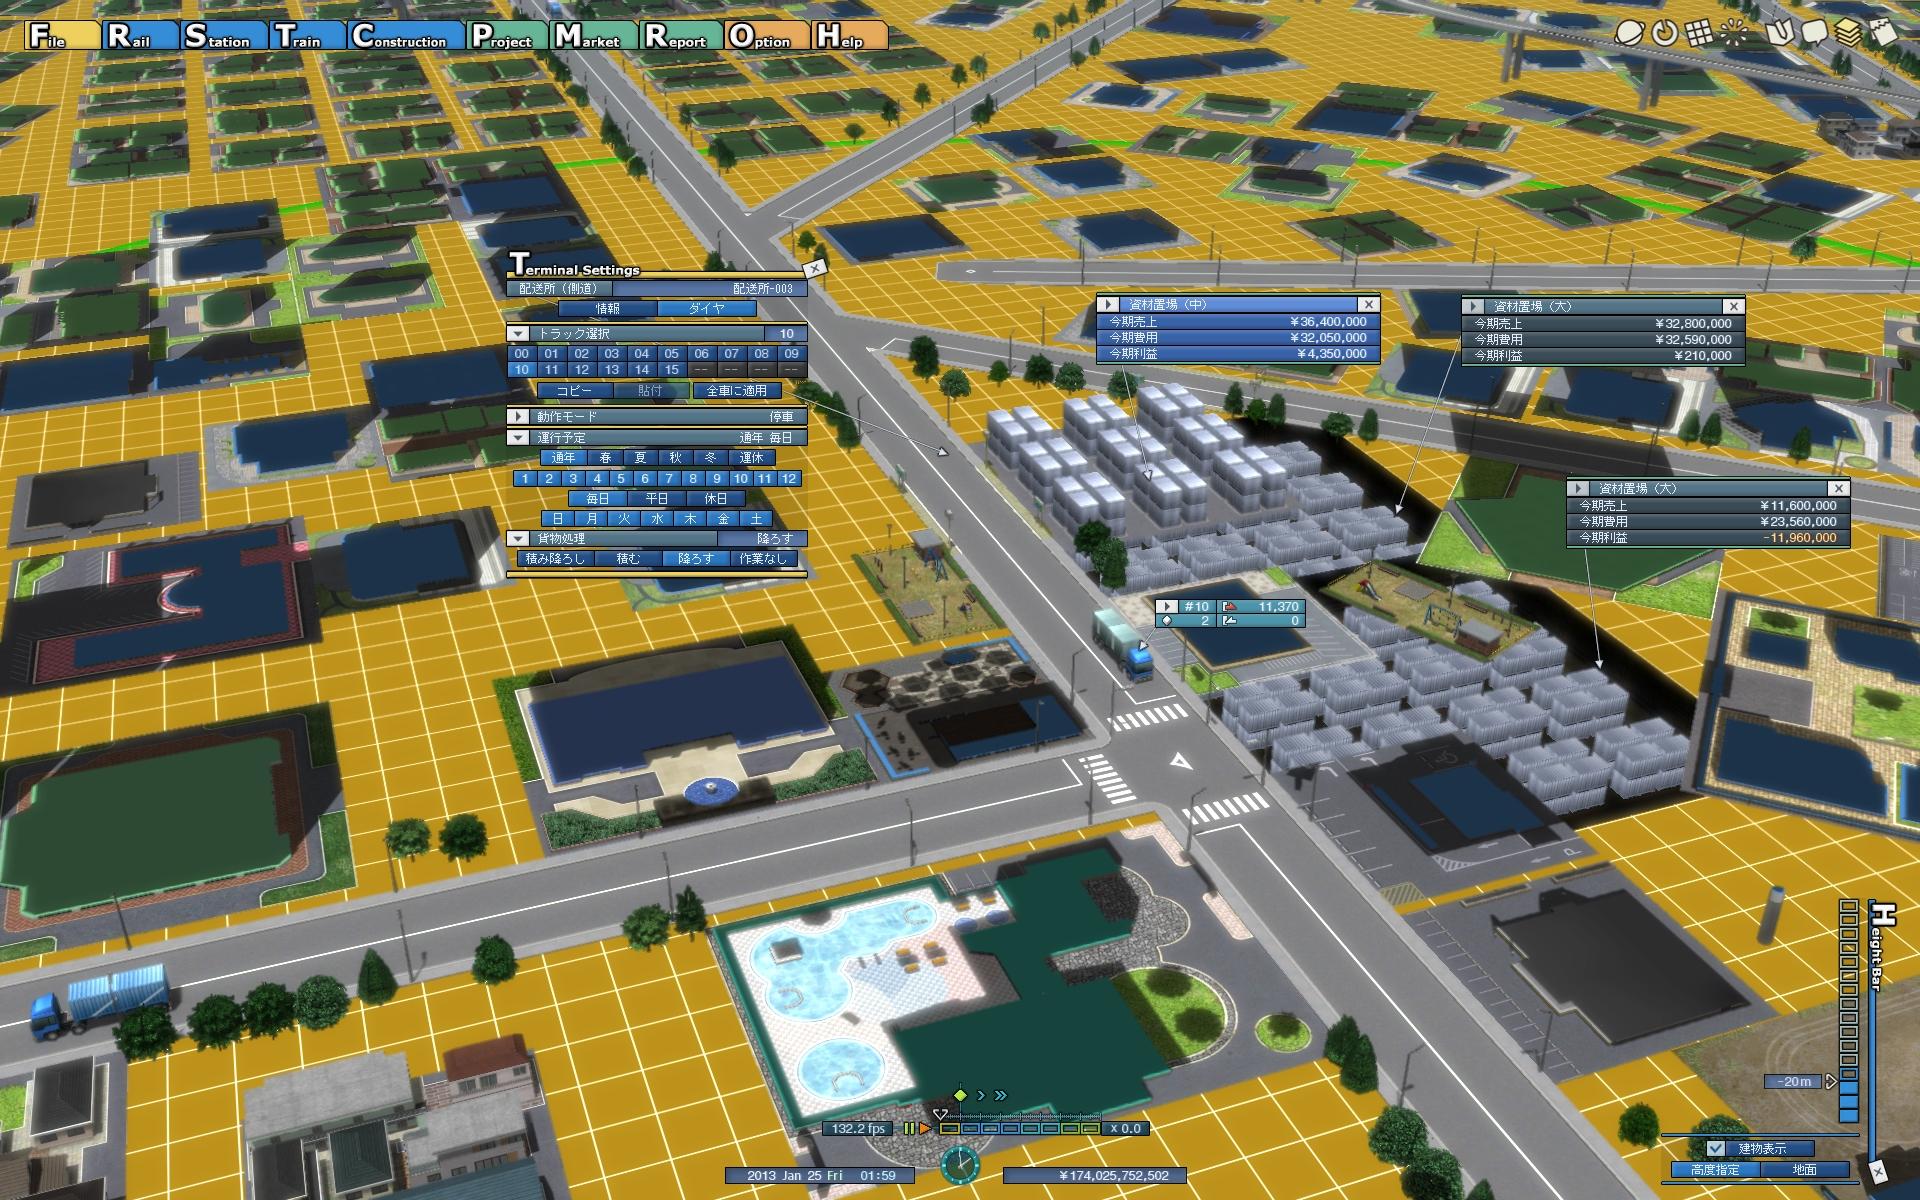 https://www.4gamer.net/games/101/G010184/20100311071/images/05-09.jpg